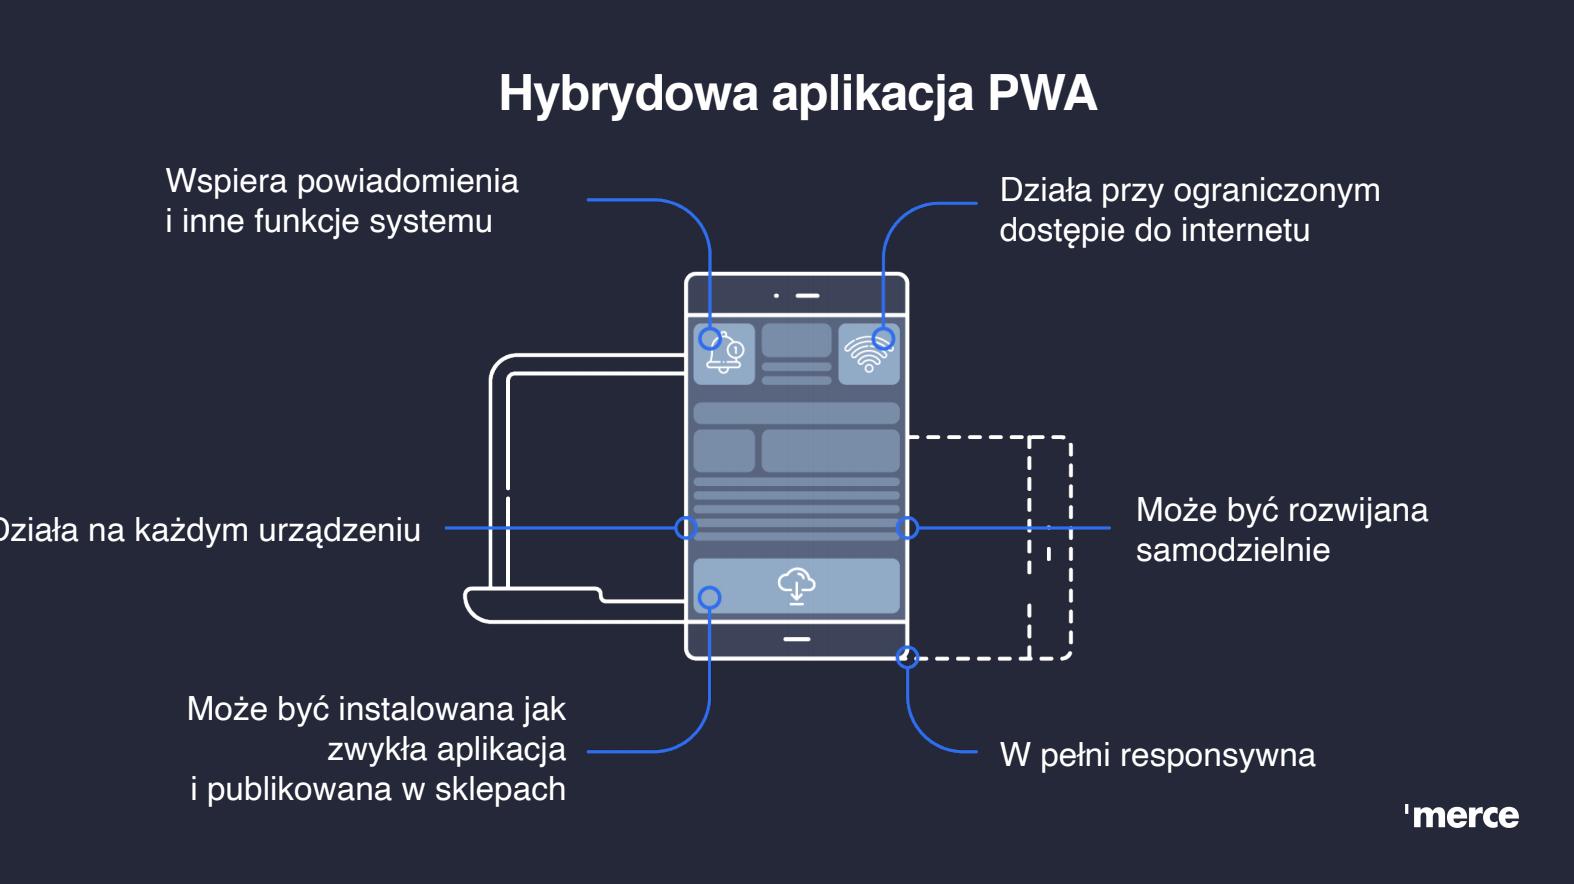 Hybrydowa aplikacja PWA